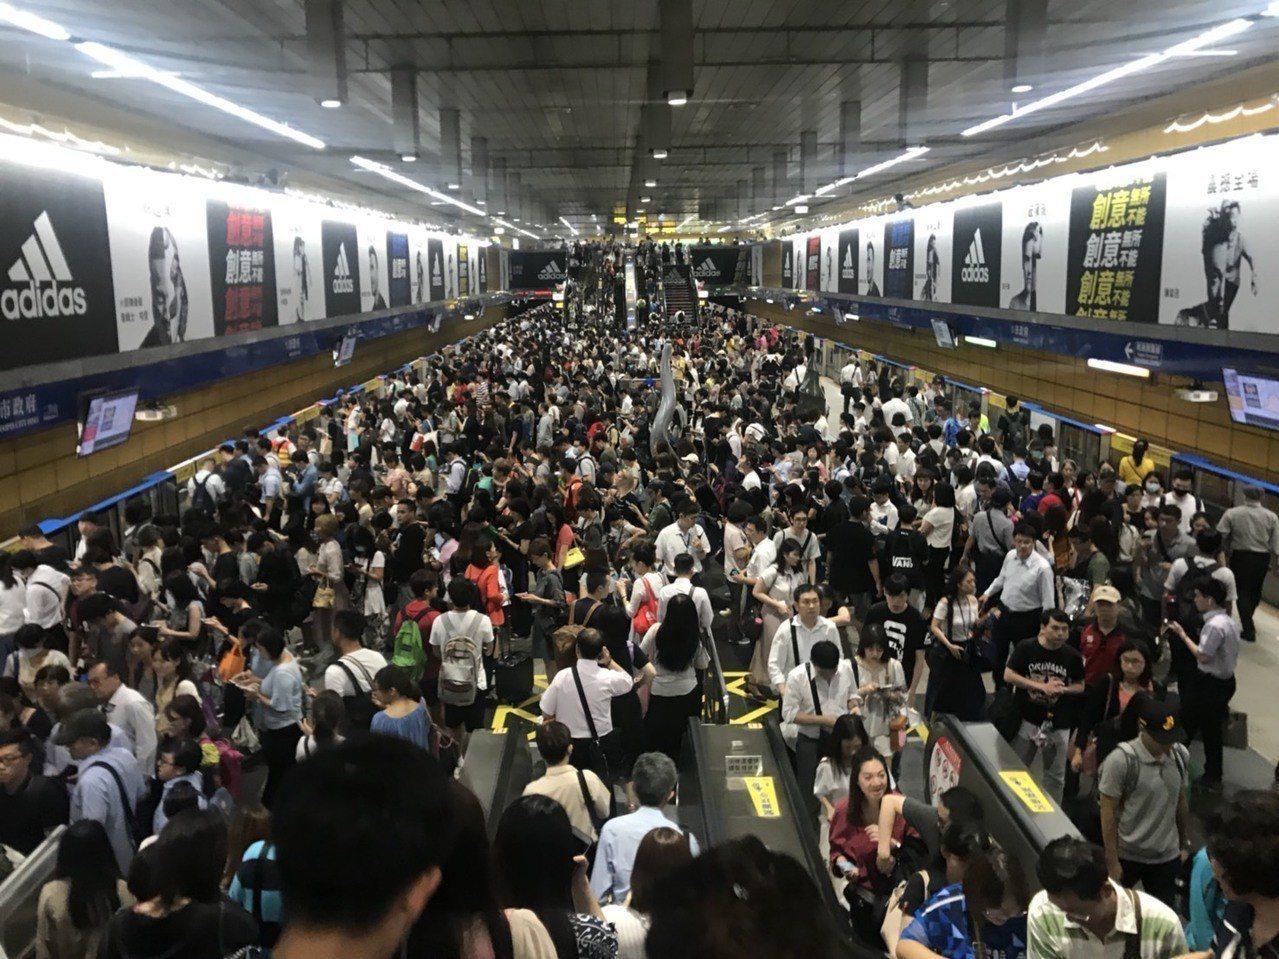 瑪利亞颱風襲台,昨天北北基提早下在下午四時起放颱風假,被網友形容是「四點鐘之亂」...